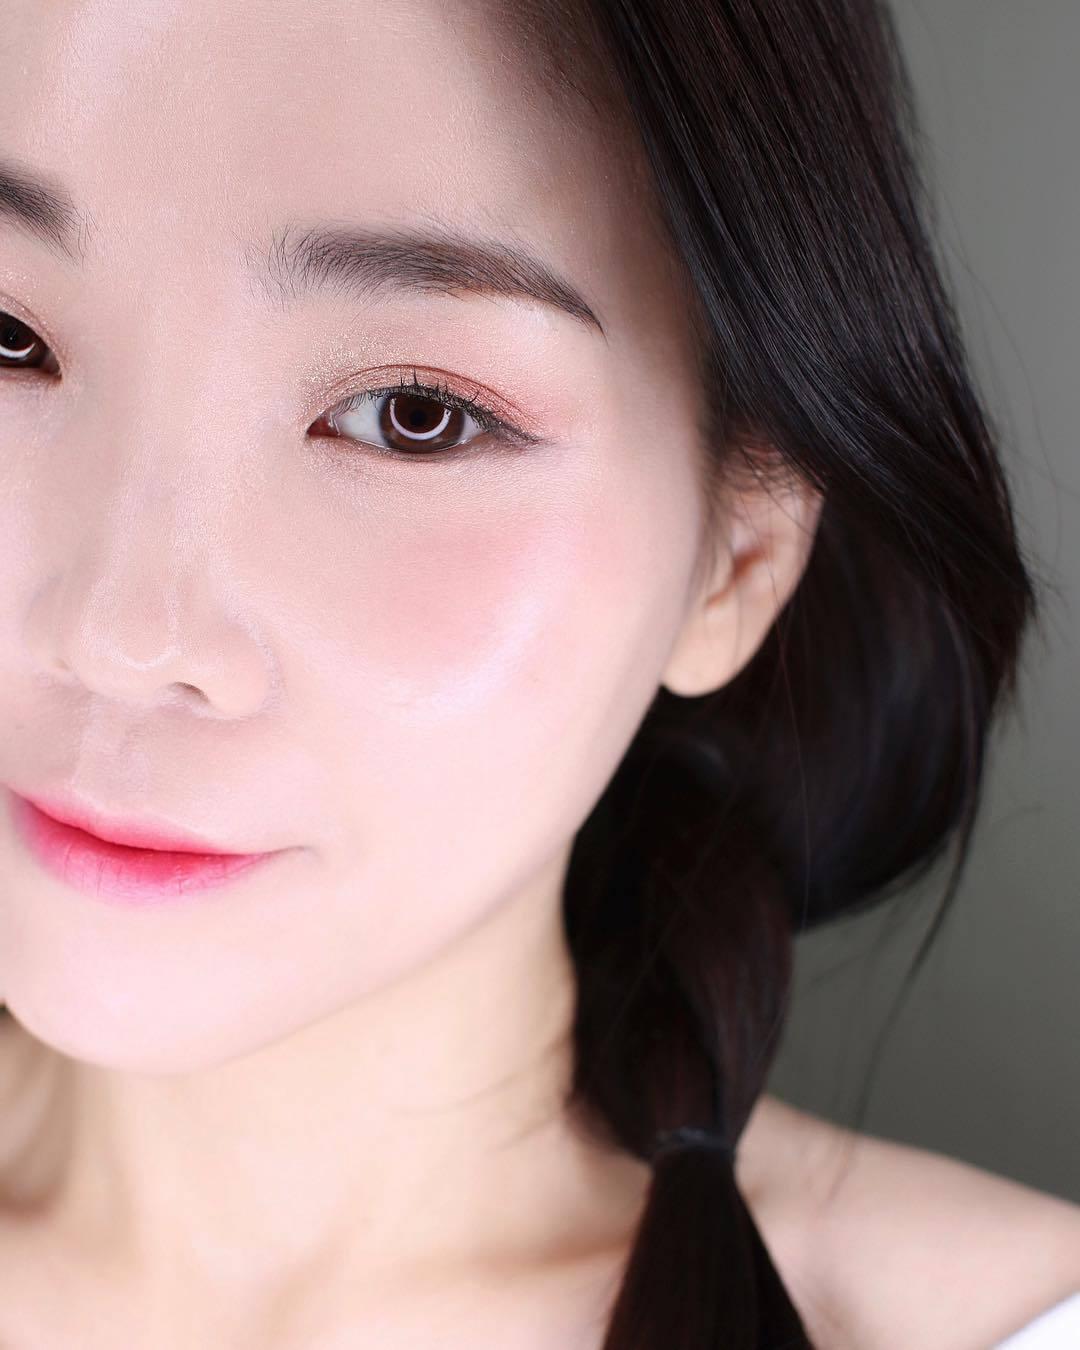 7-xu-huong-son-bong-duoc-du-doan-se-thong-tri-xu-huong-lam-dep-2018